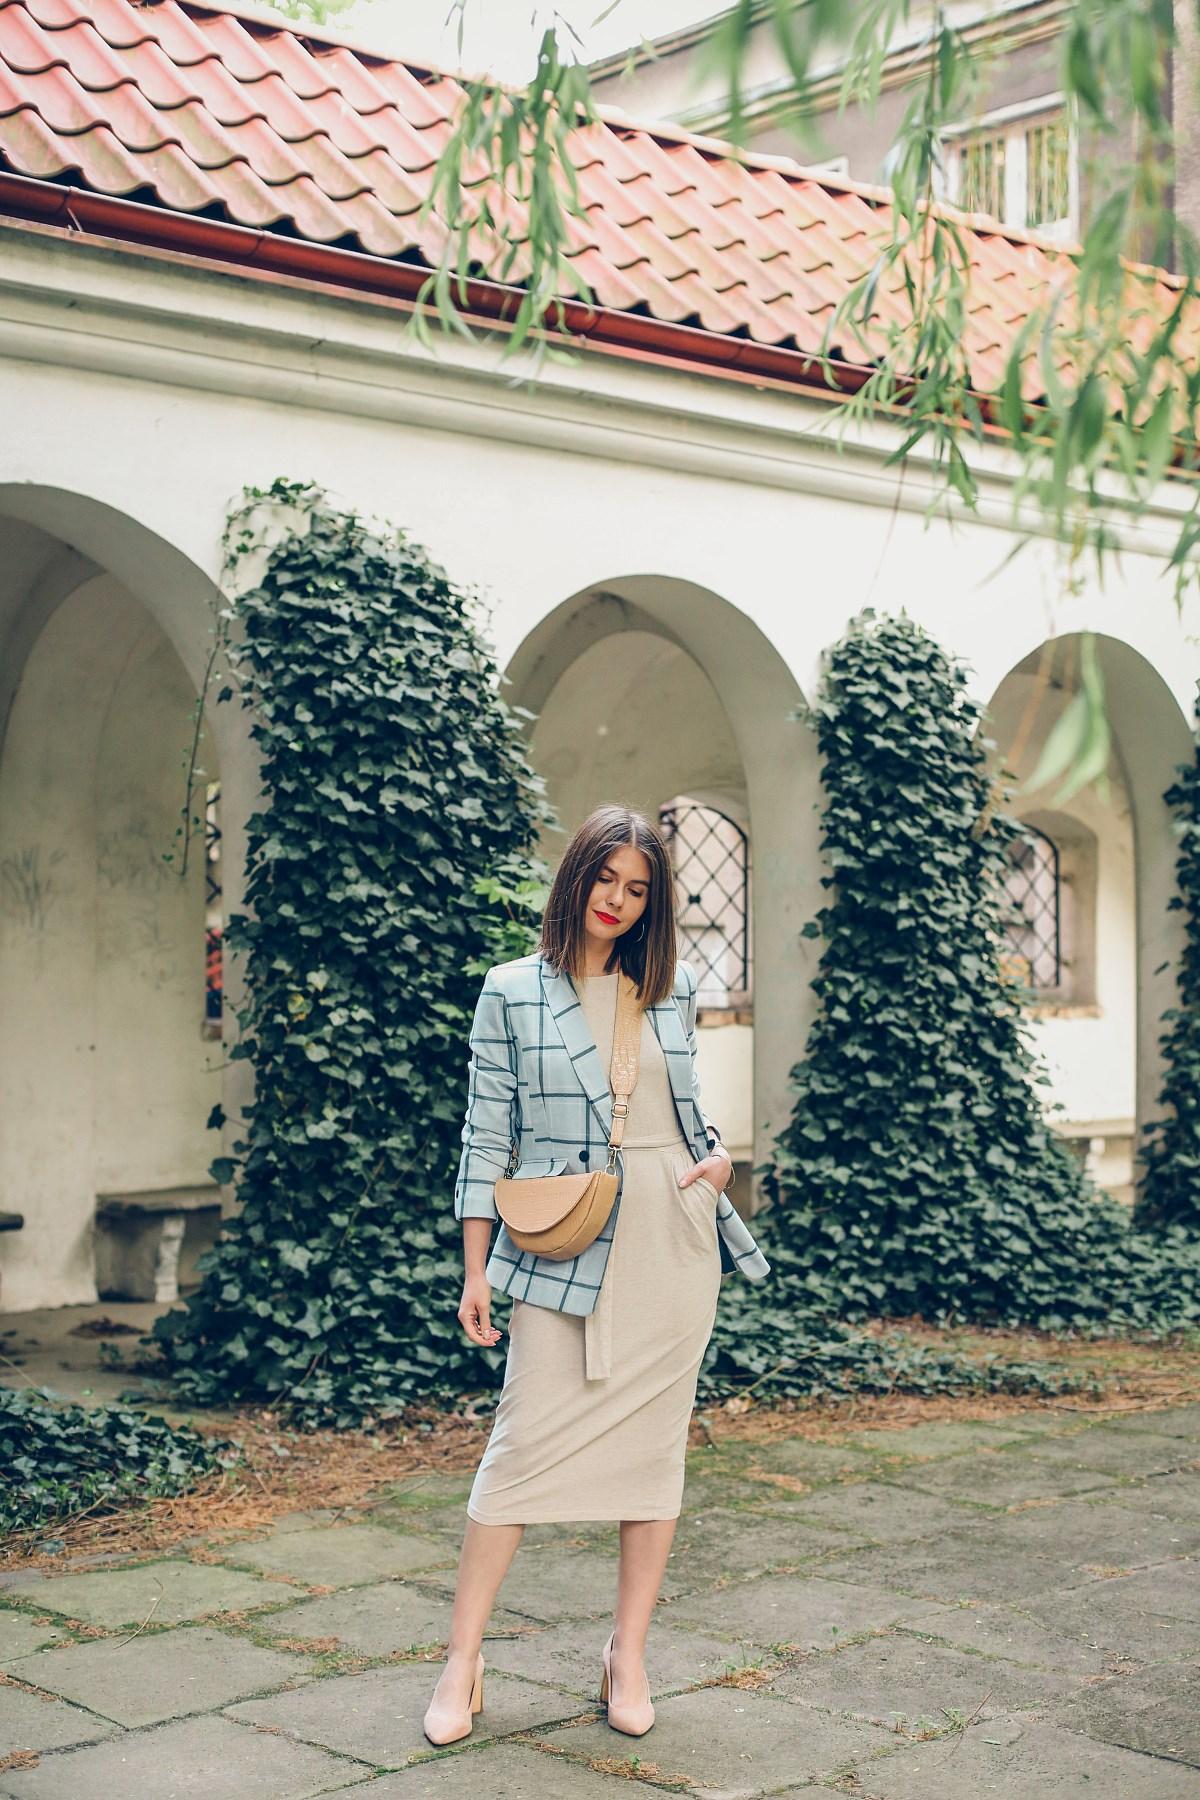 stylizacja blog modowy gdansk